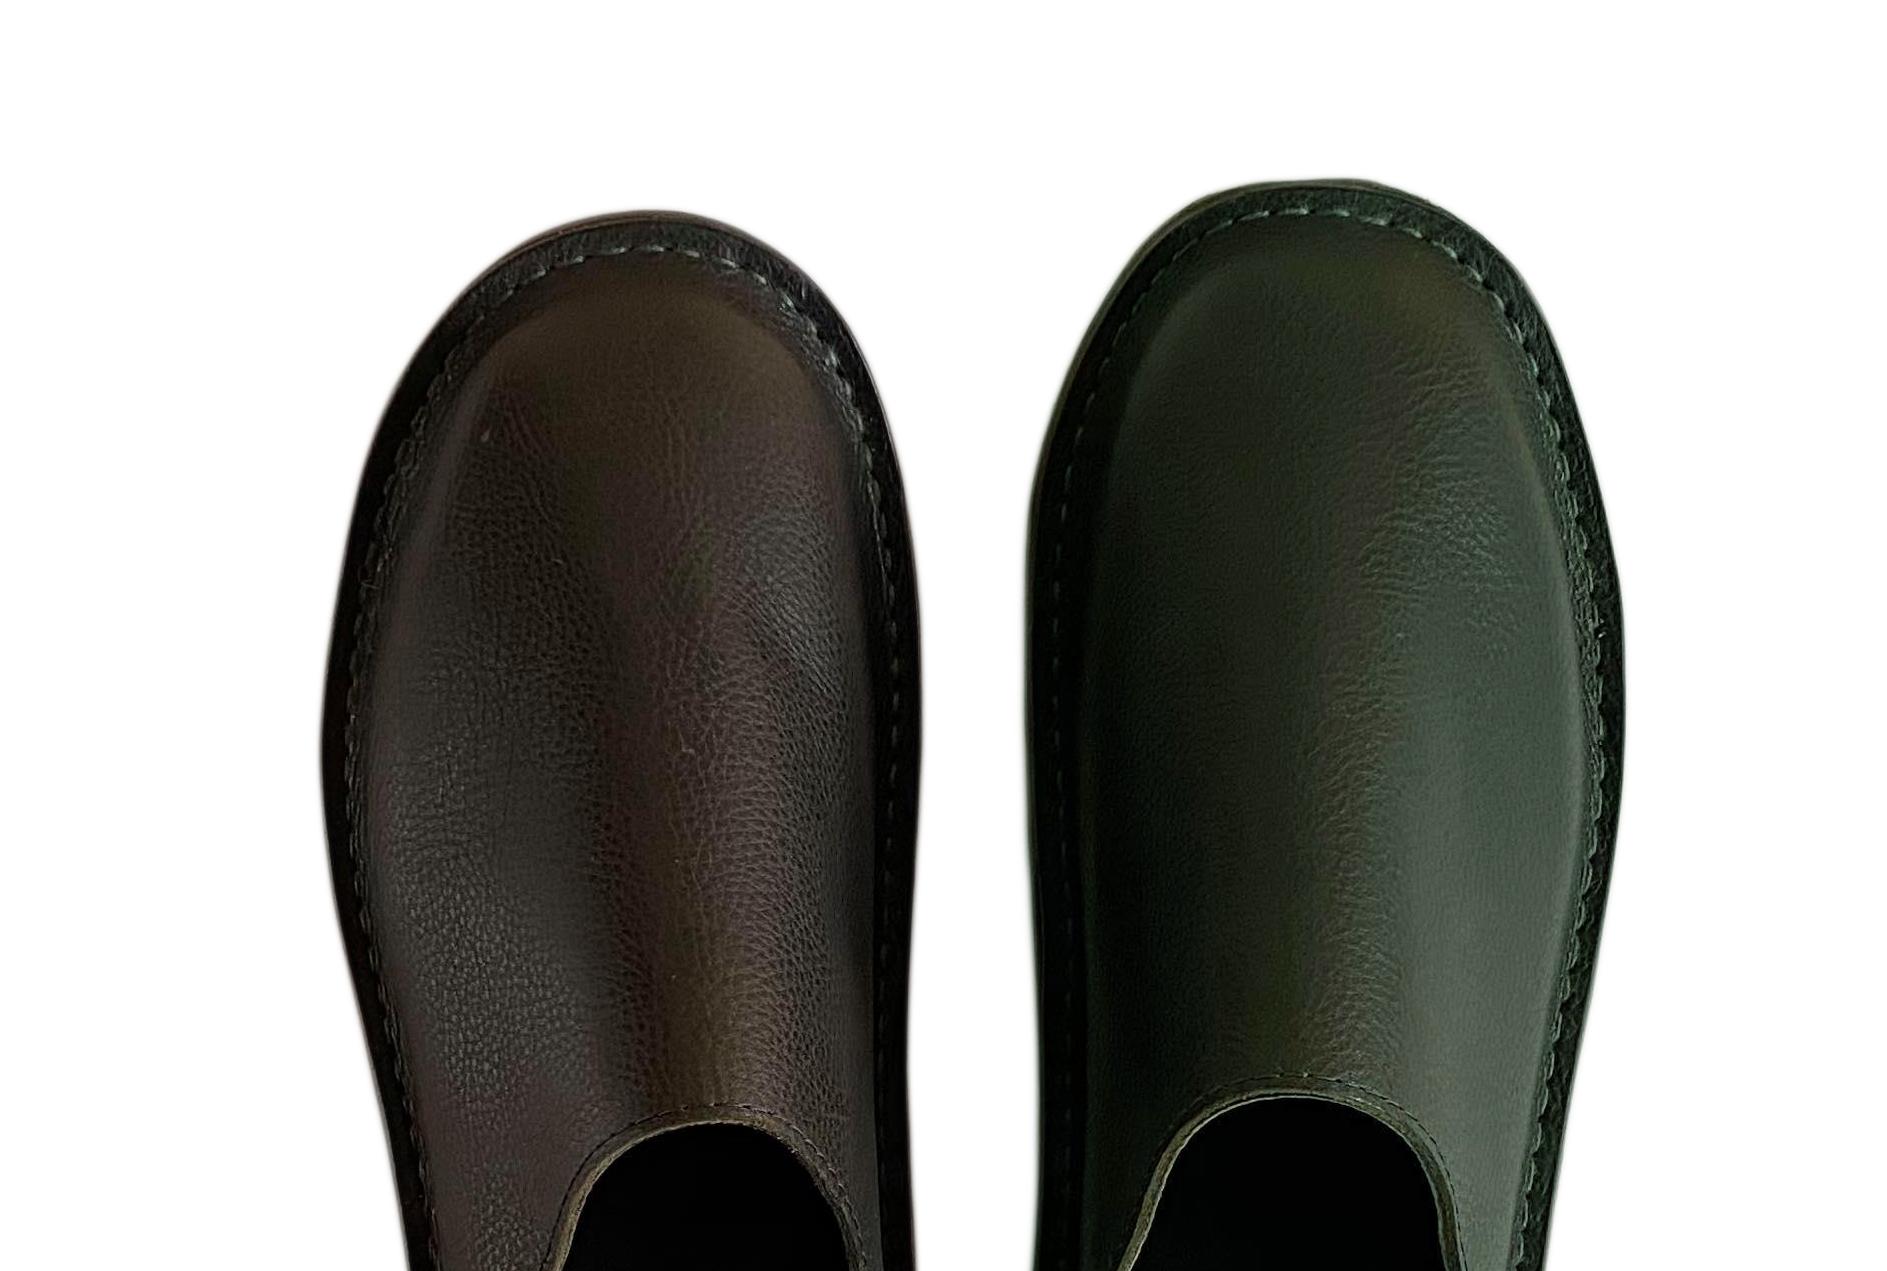 左:ブラック 右:ネイビー ステッチカラーは革の同系色使用